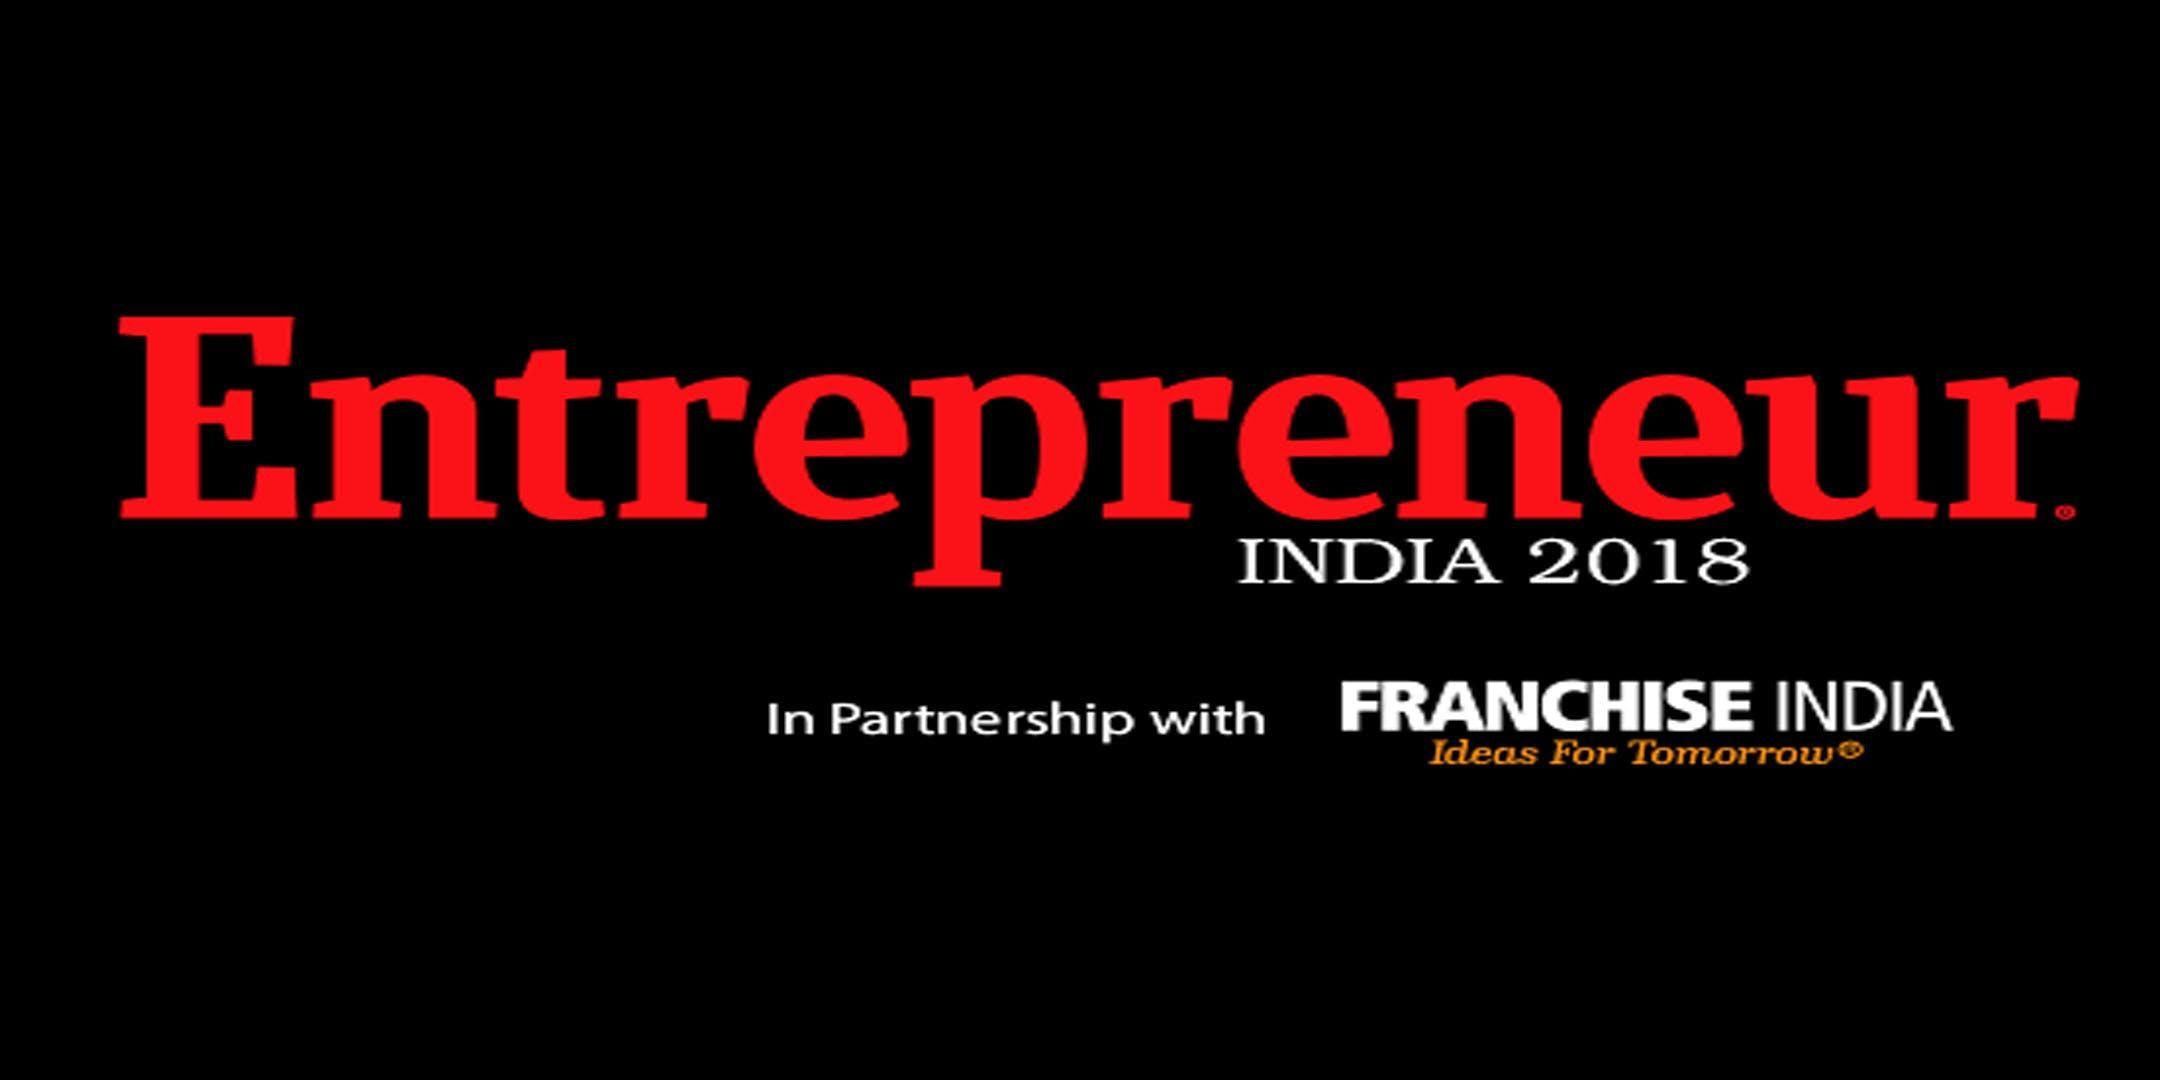 Entrepreneur India 2018